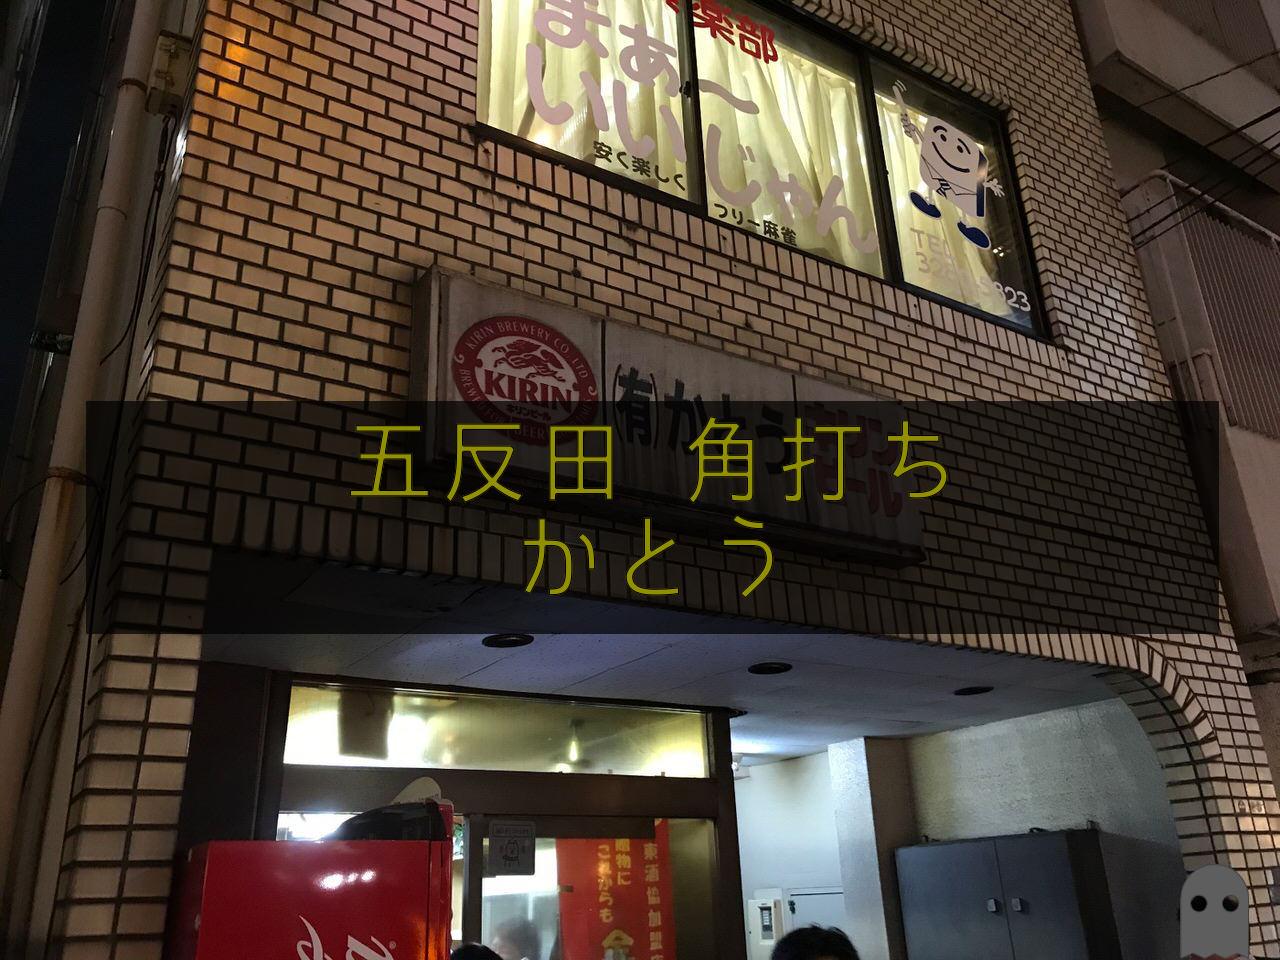 「かとう」角打ちできる五反田の加藤酒店